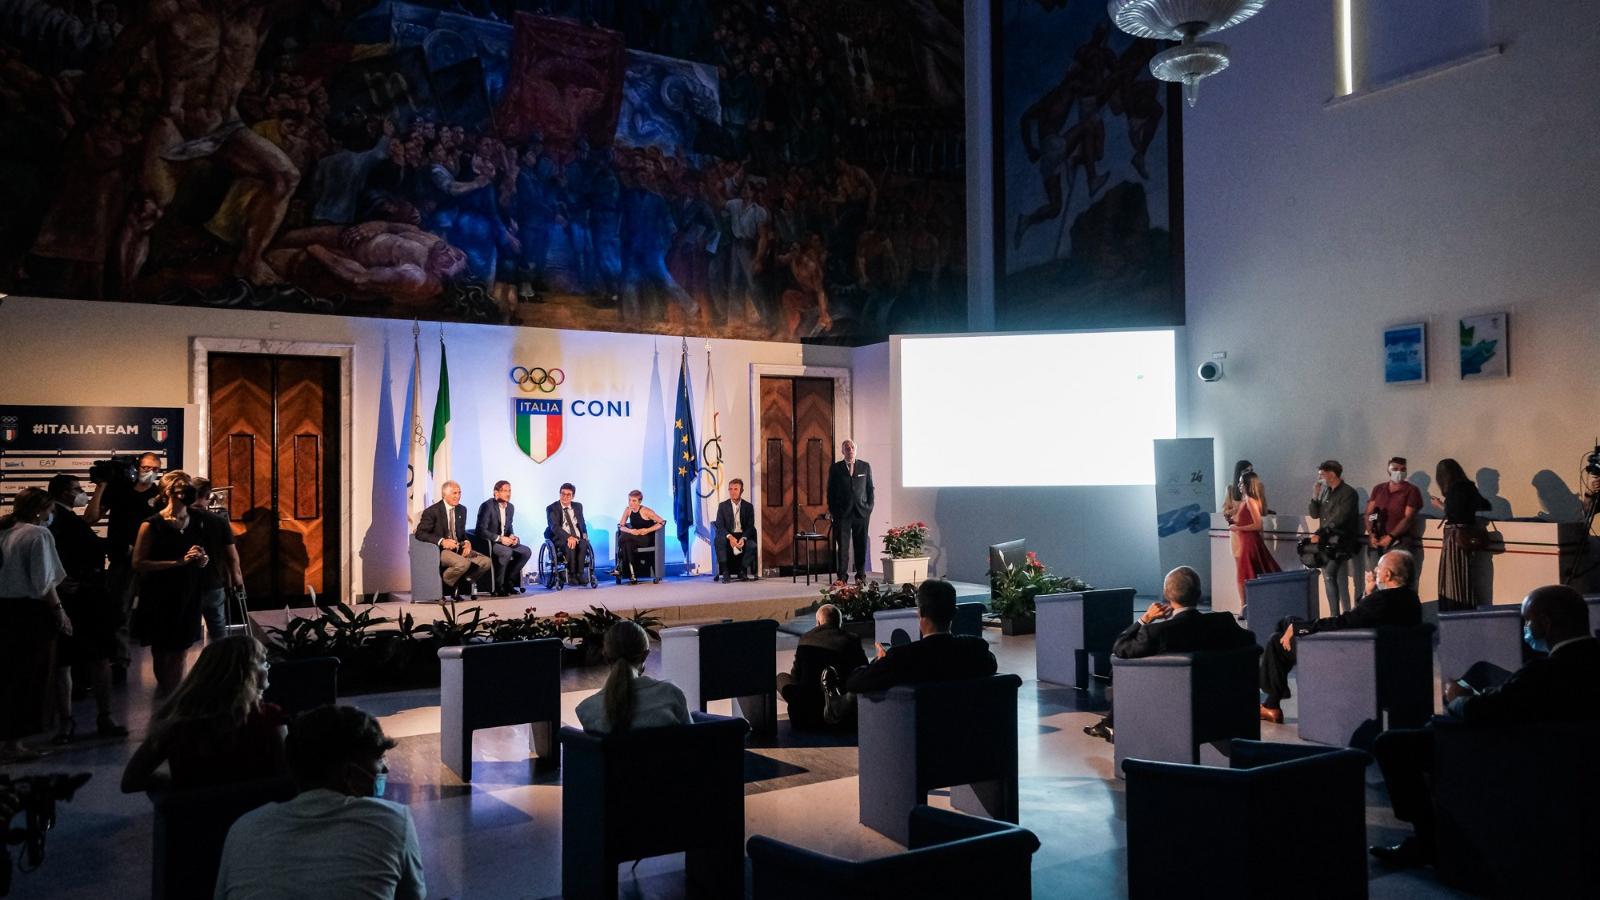 Tanti Auguri Milano Cortina: un compleanno pieno di sorprese